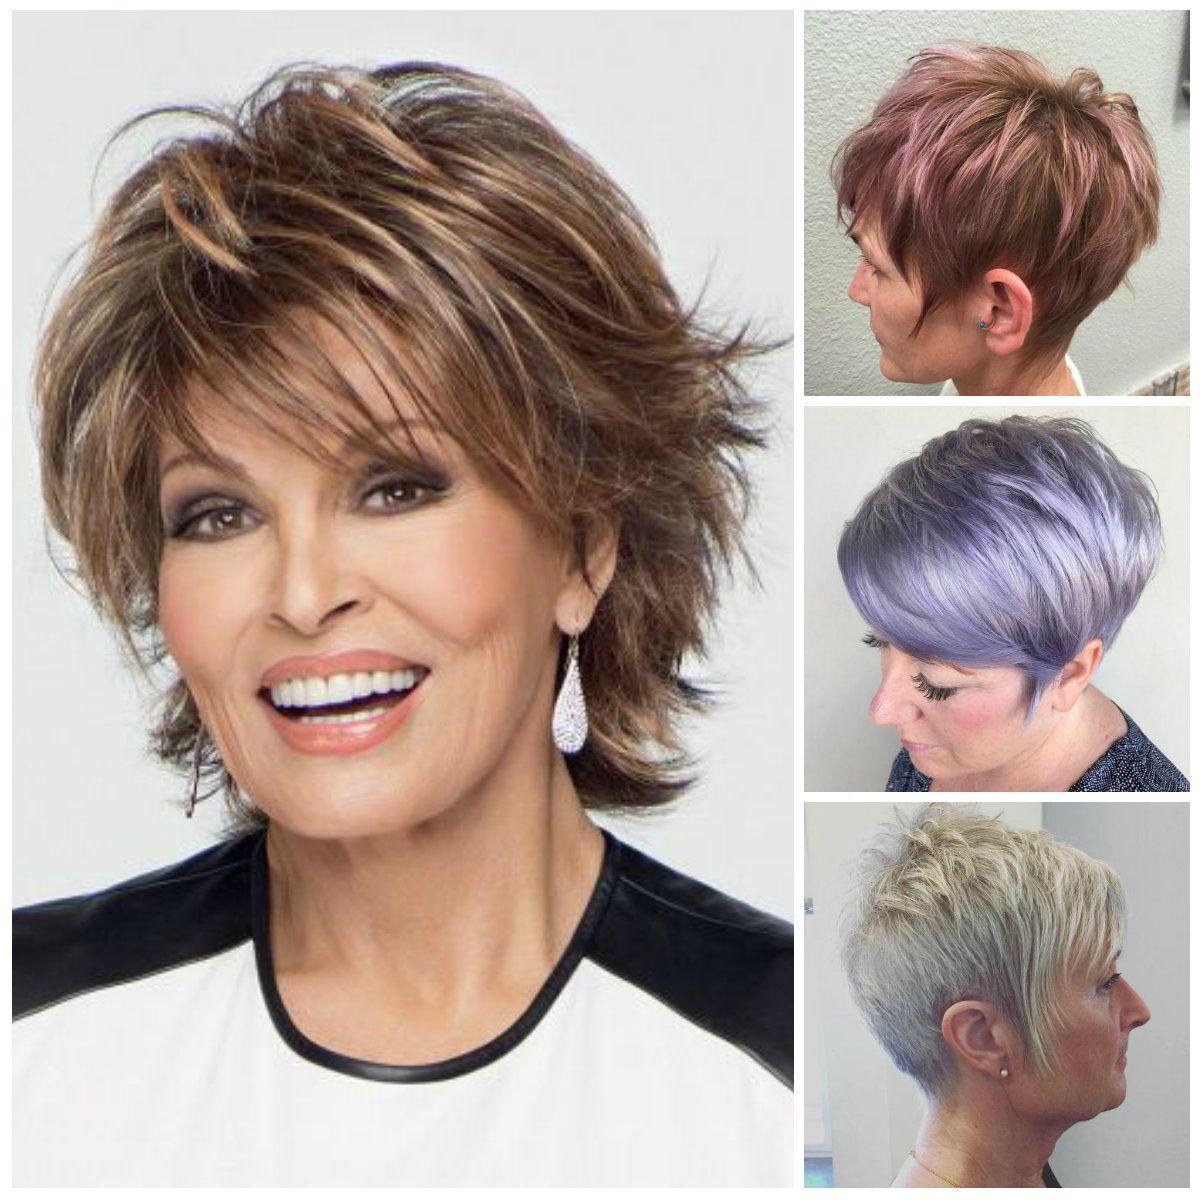 70 Short Choppy Hairstyles Over 40 Lovely 2017 Short Hairstyles For Intended For Choppy Short Hairstyles For Older Women (Gallery 17 of 25)